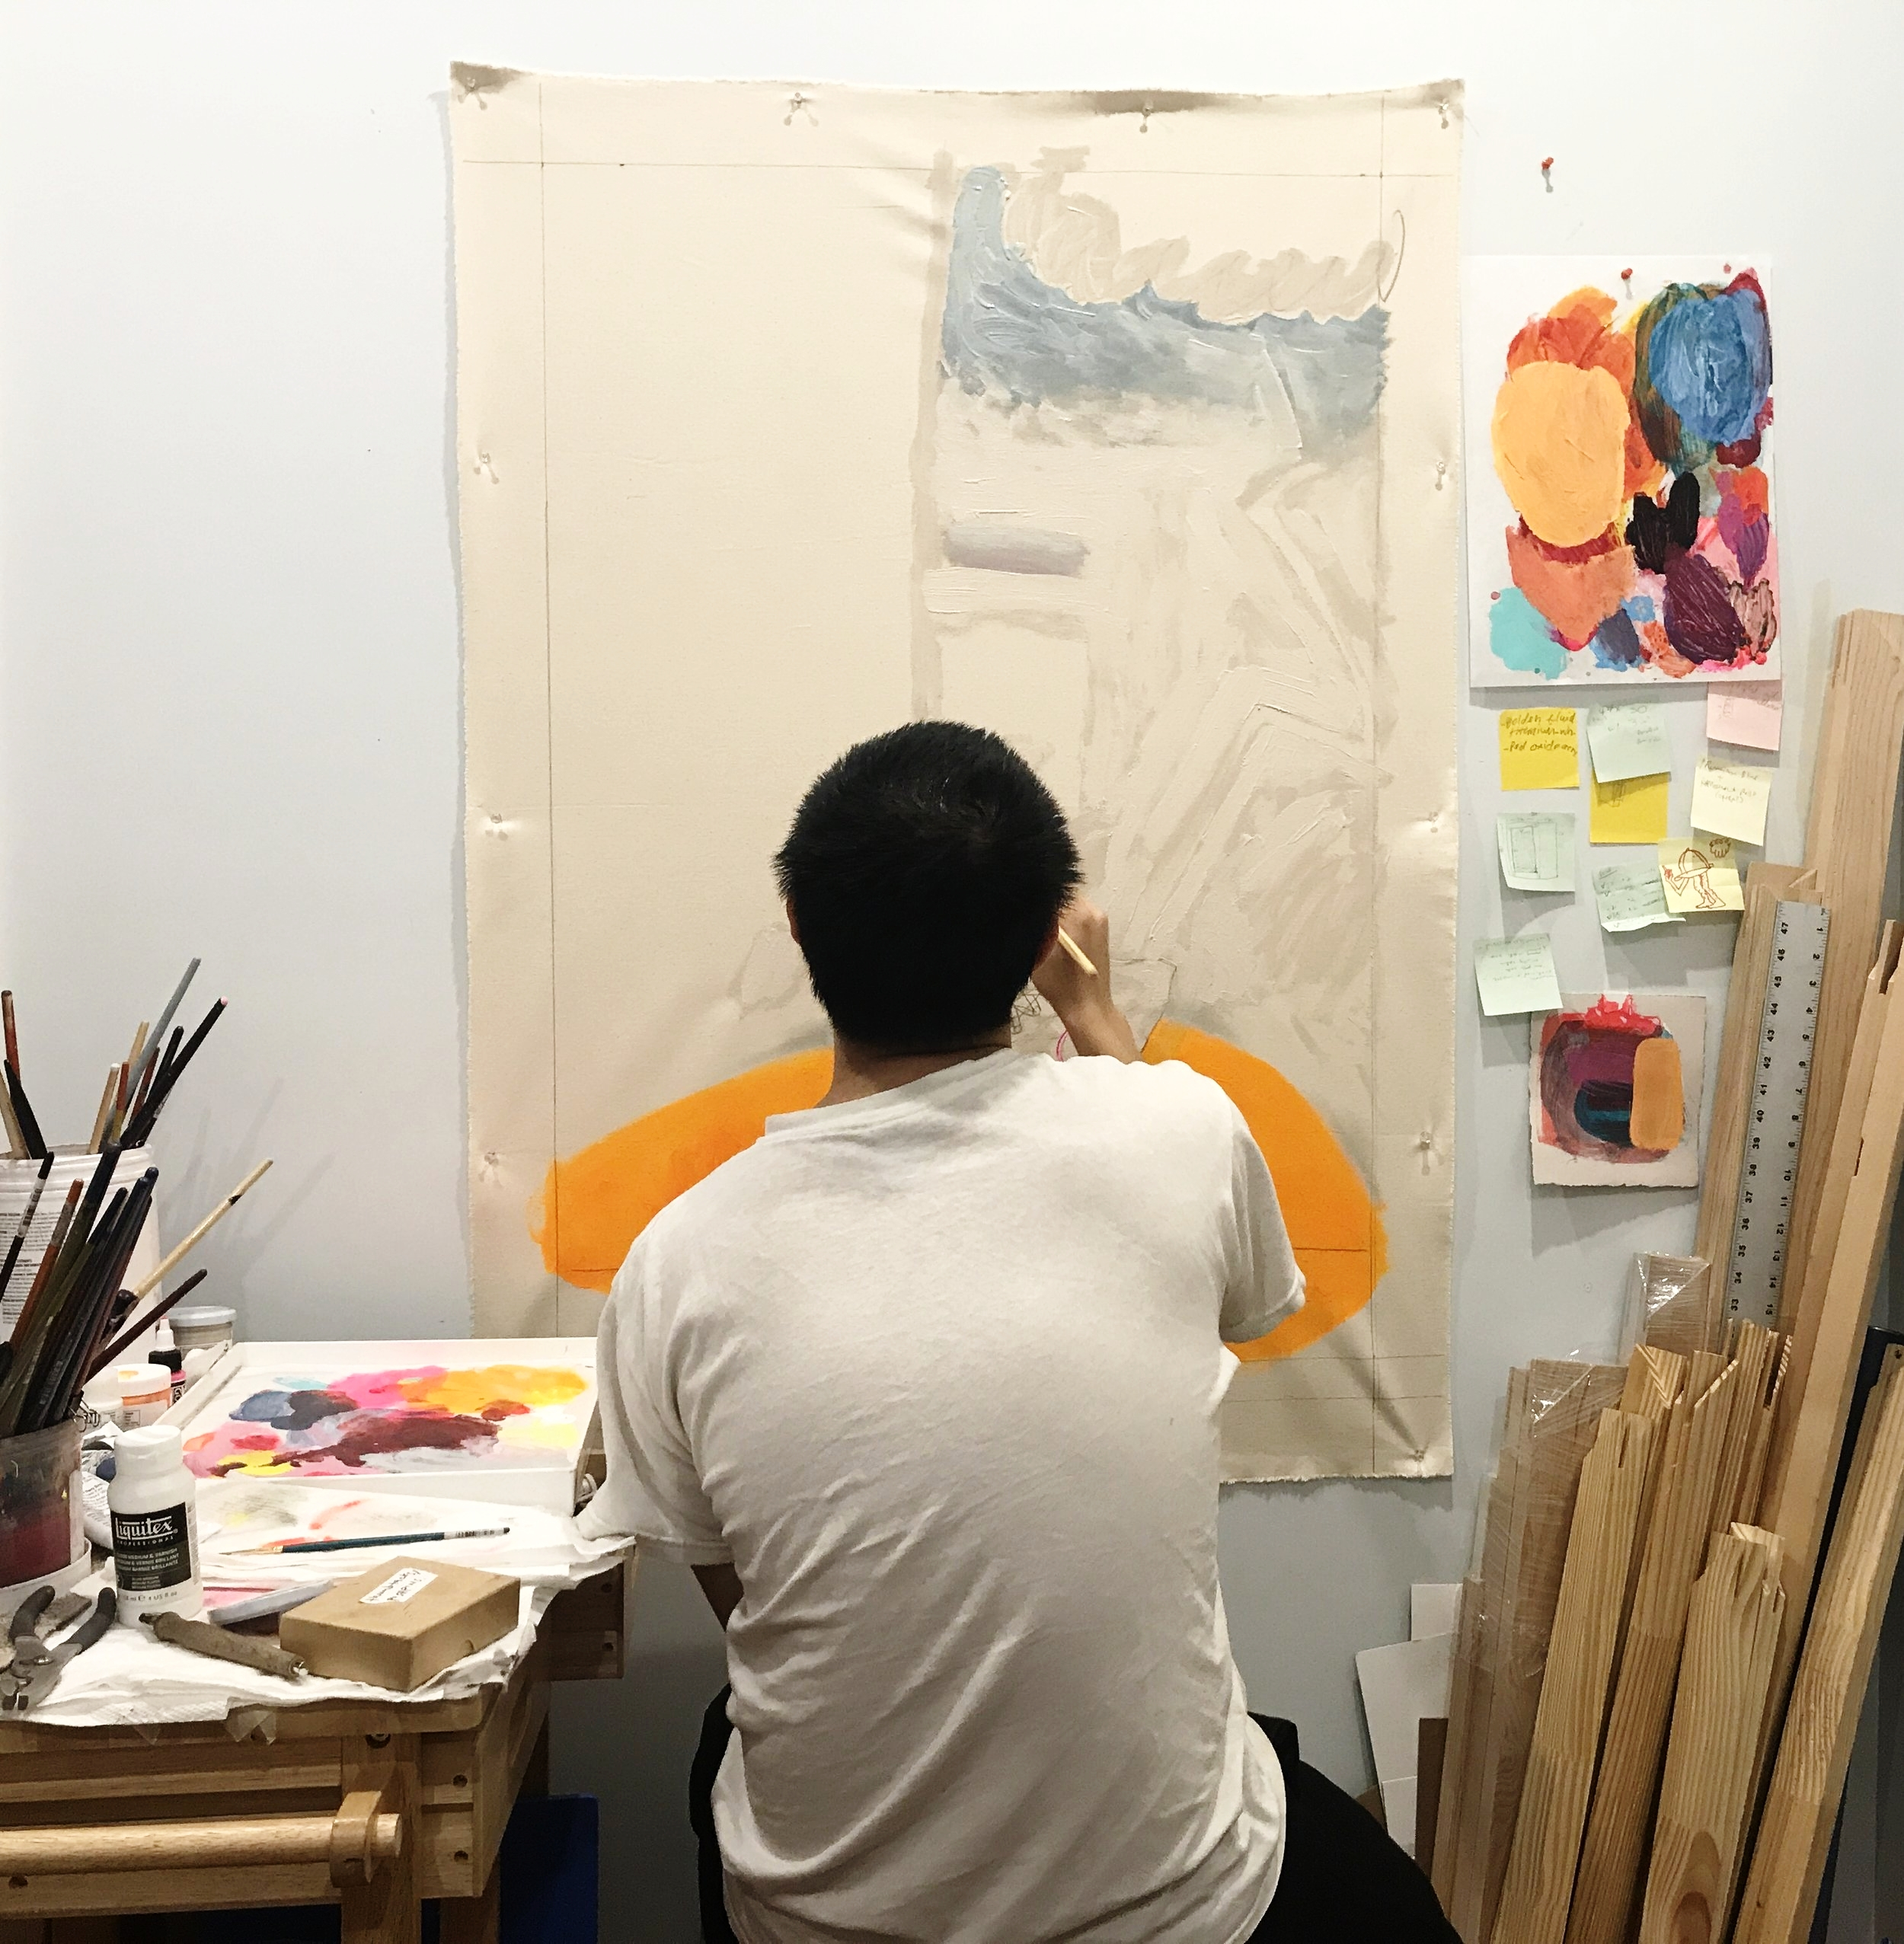 Raymond_Hwang_Studio Pic 3.jpg